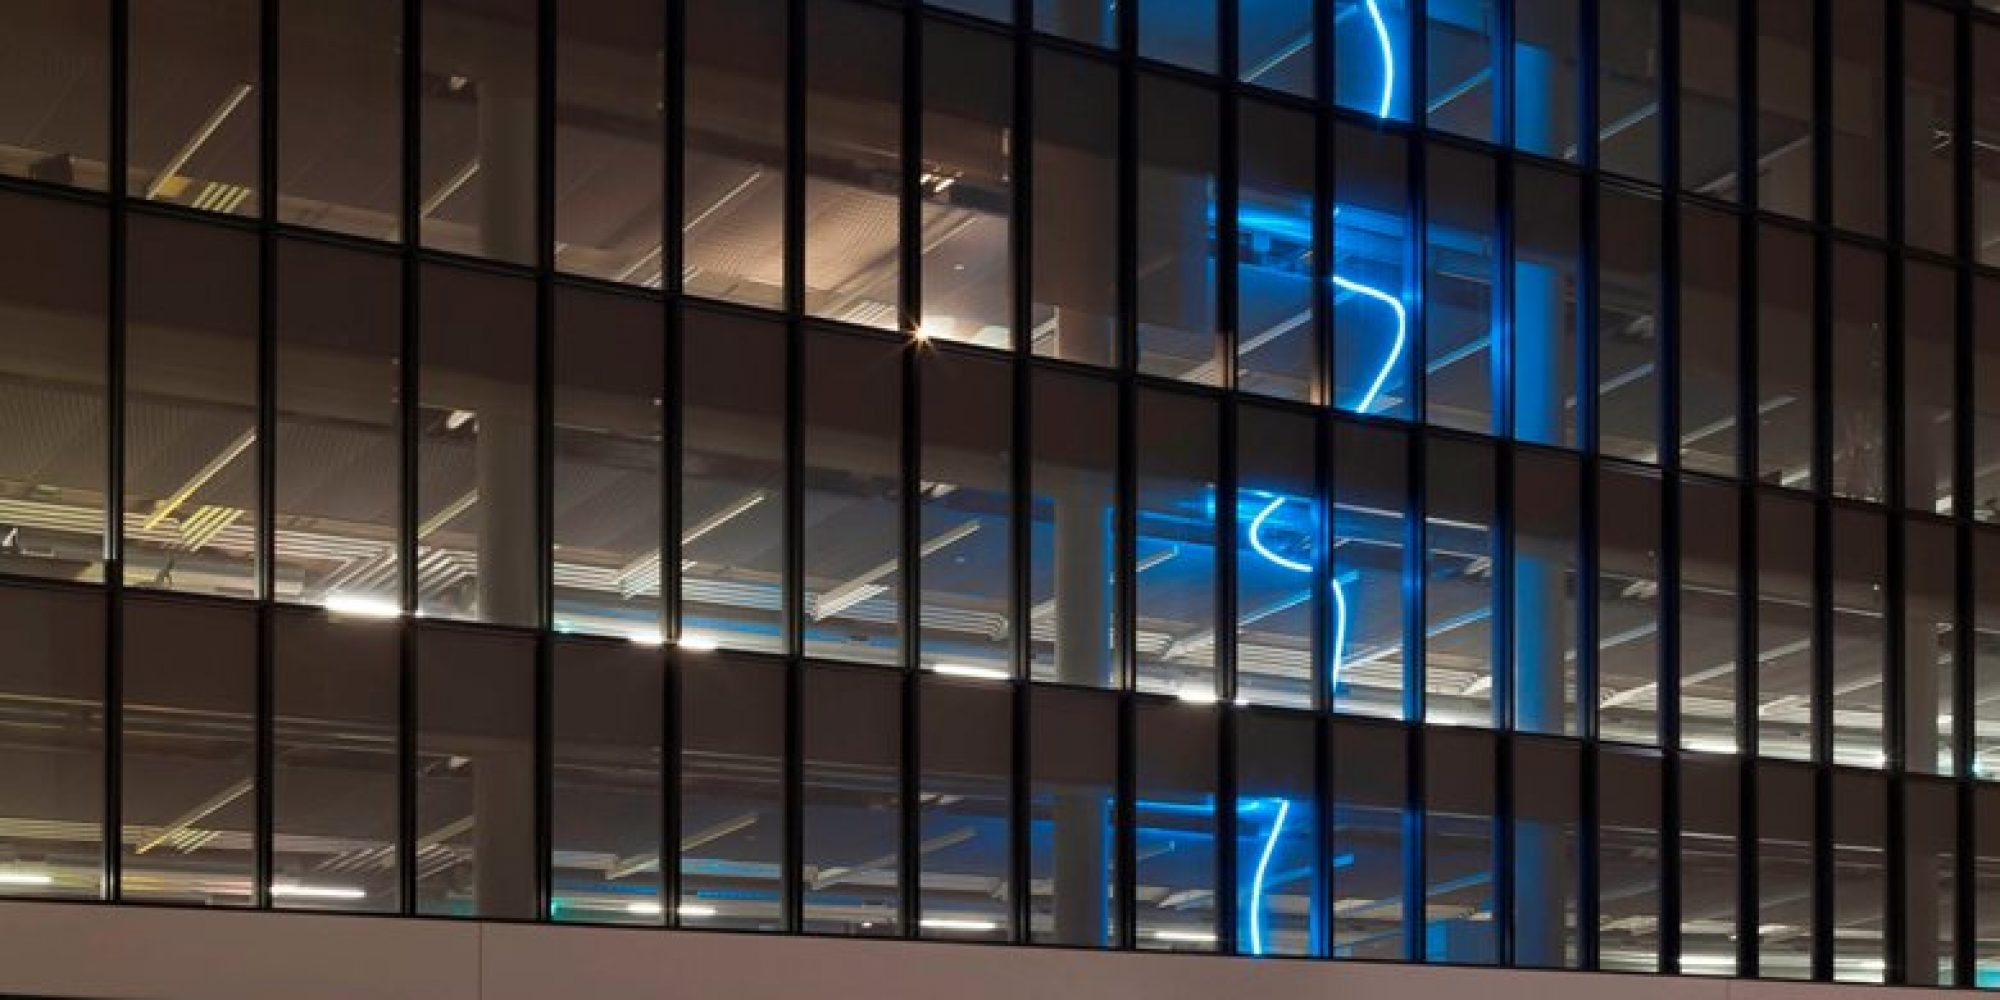 1_Pollice-Illuminazione-Luce-per-lArte_photo-by-Paolo-Riolzi